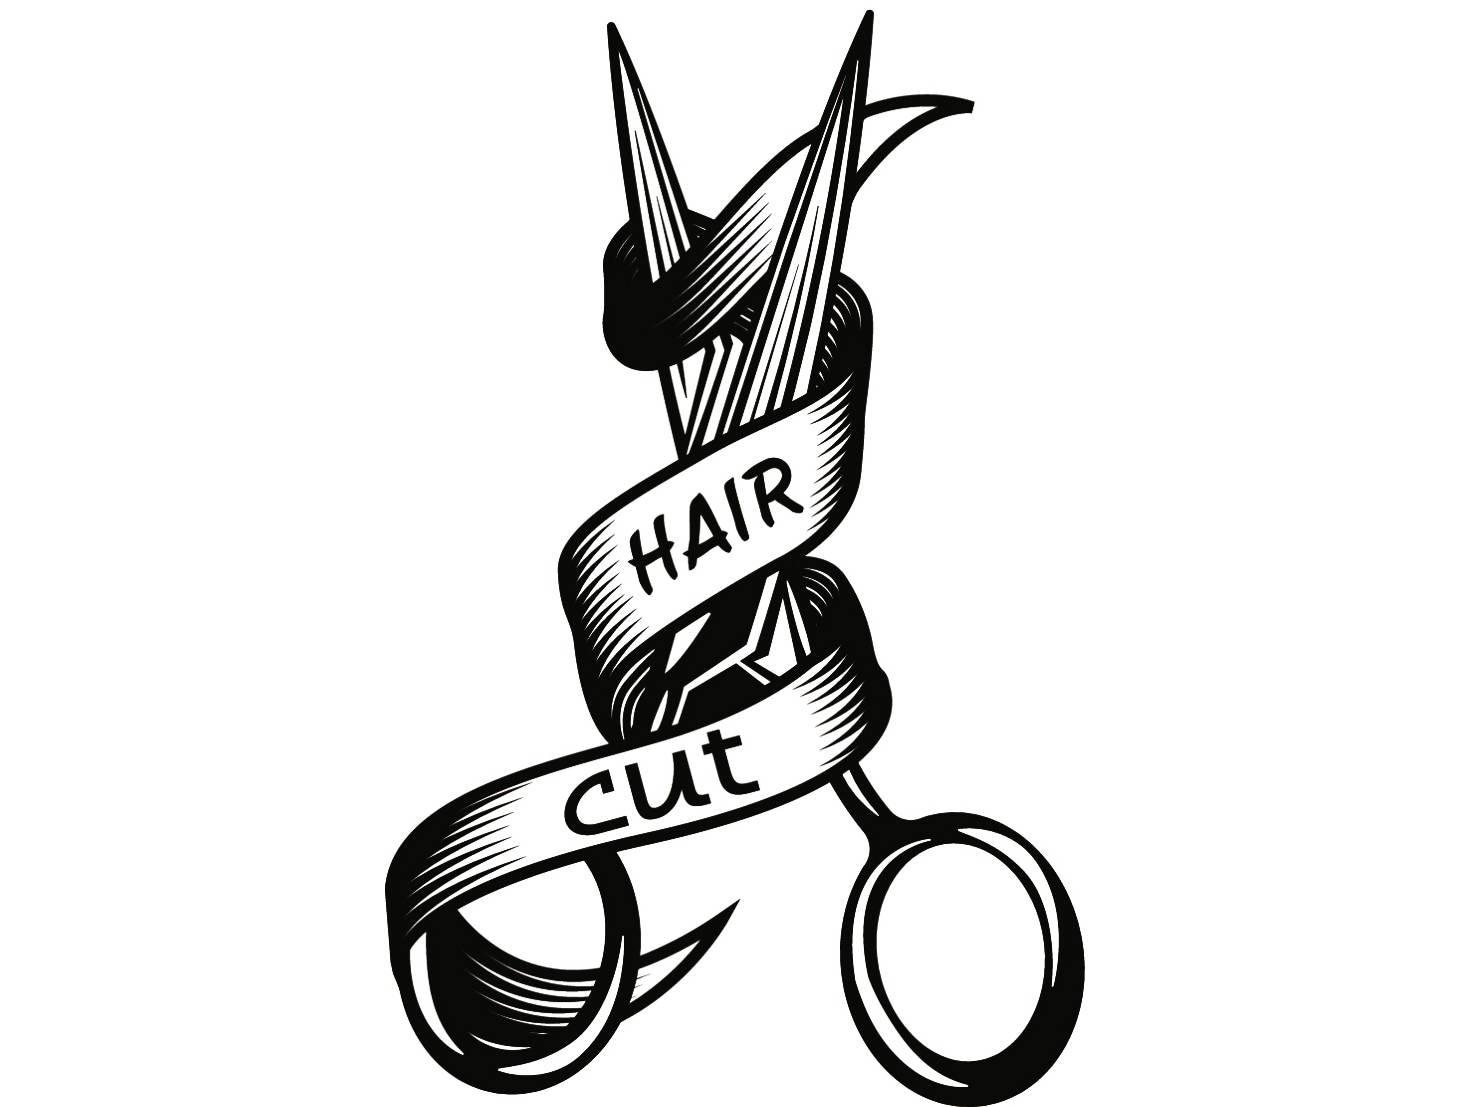 Hairstylist Logo 3 Scissors Salon Barber Shop Haircut Hair